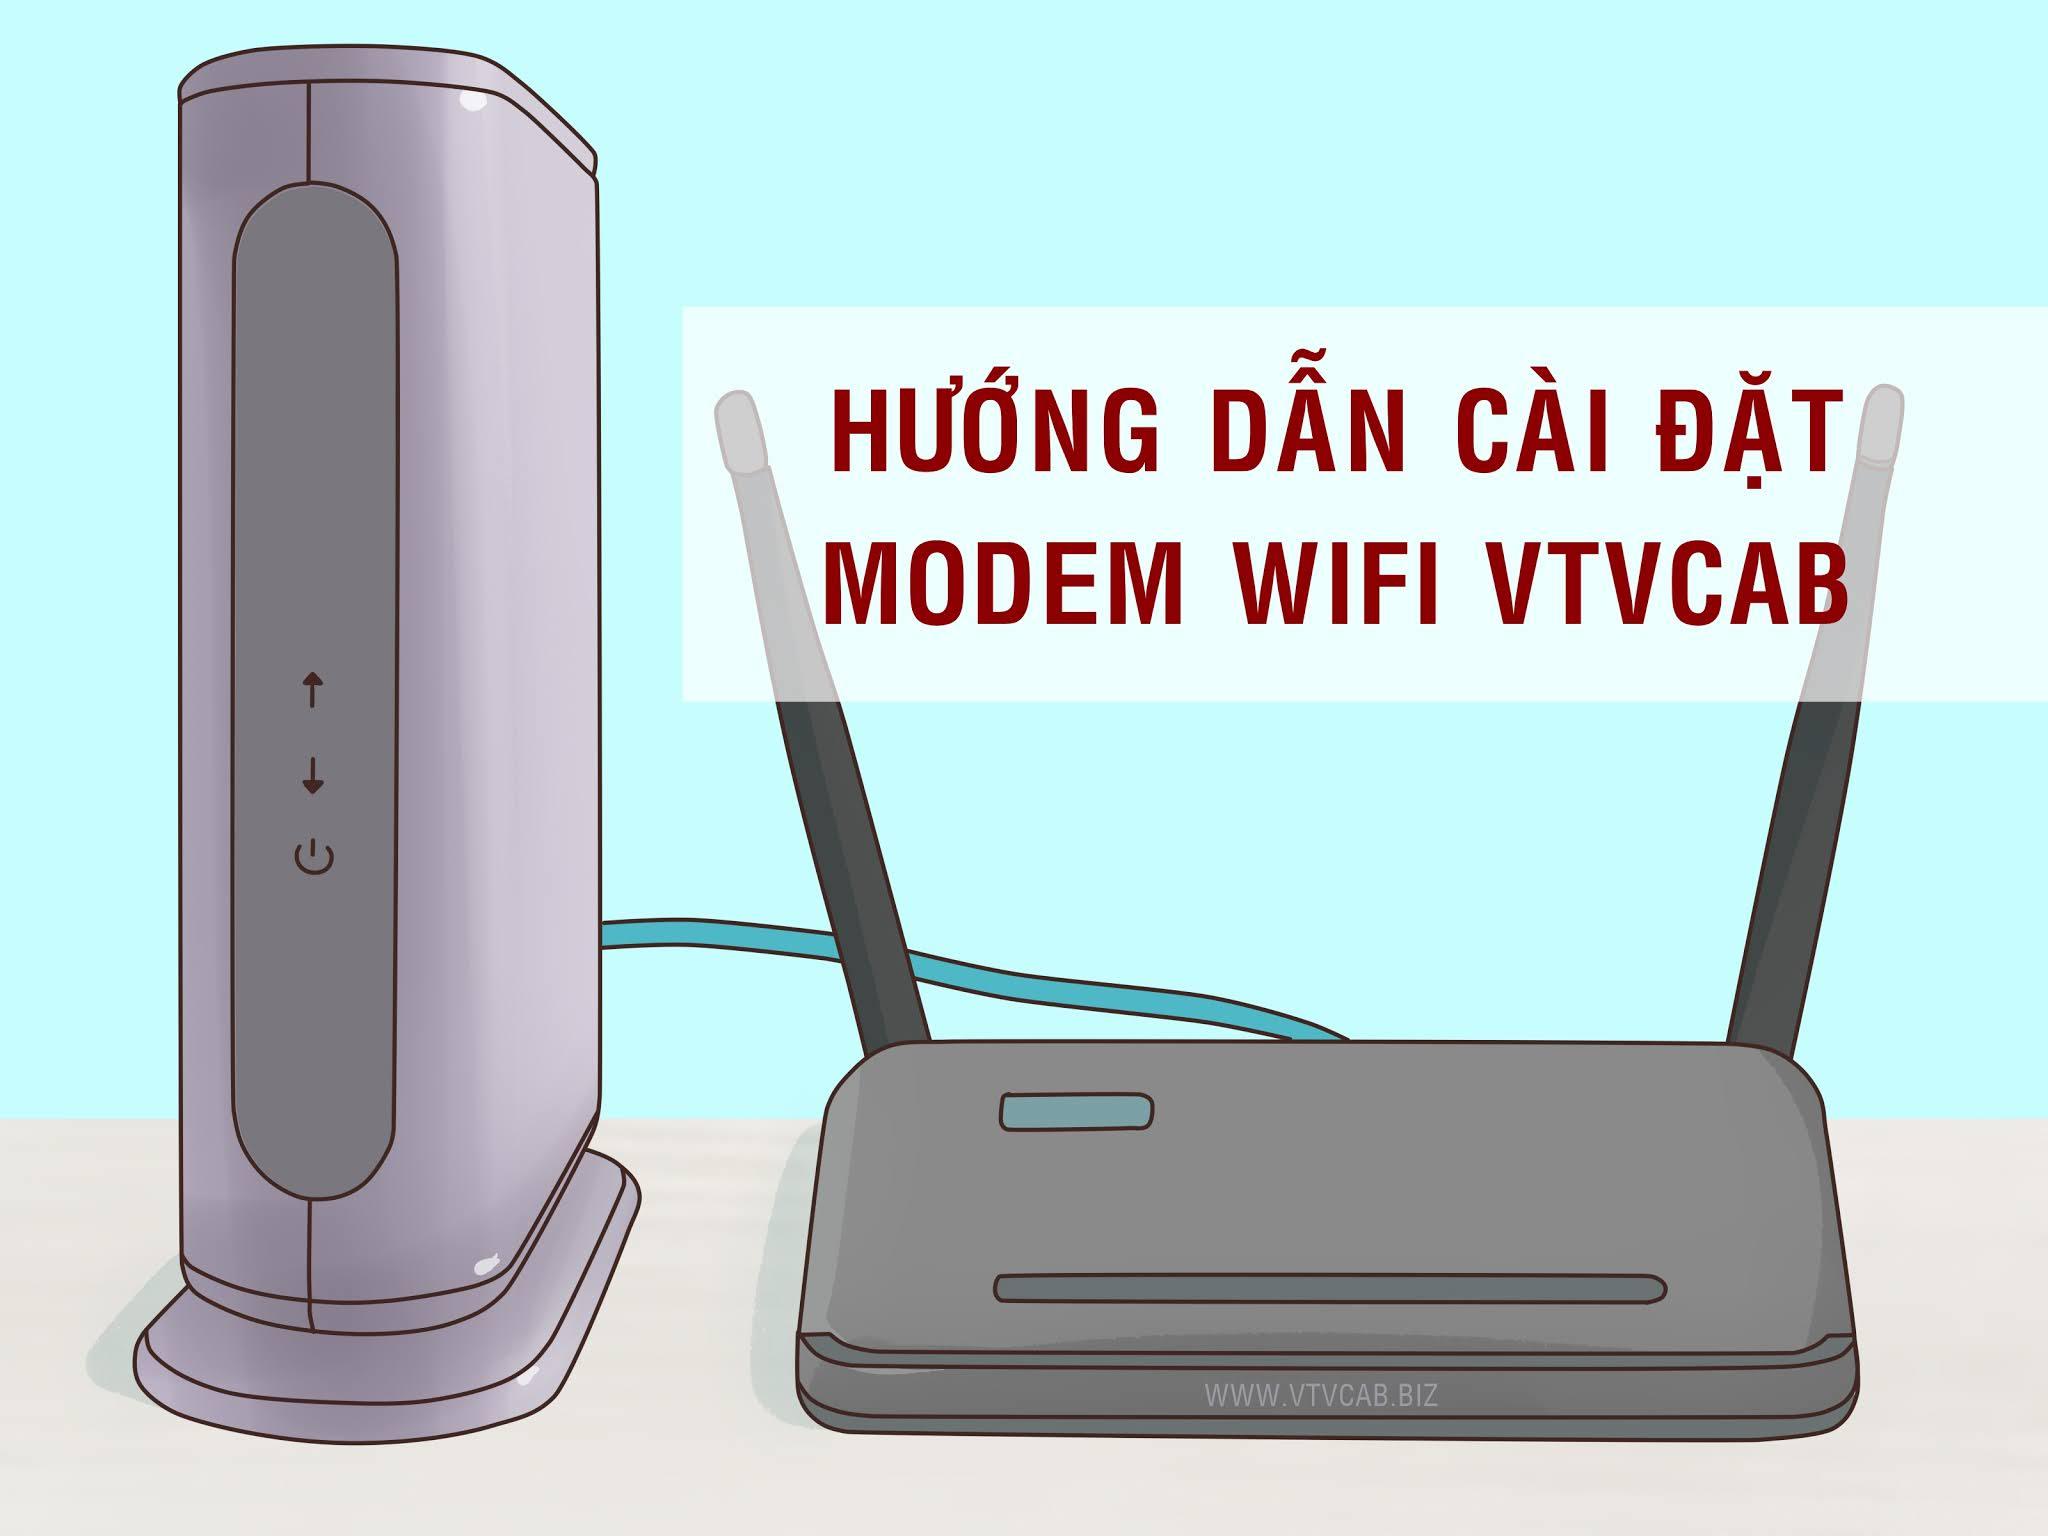 Hướng dẫn cài đặt Modem Wifi của VTVCab